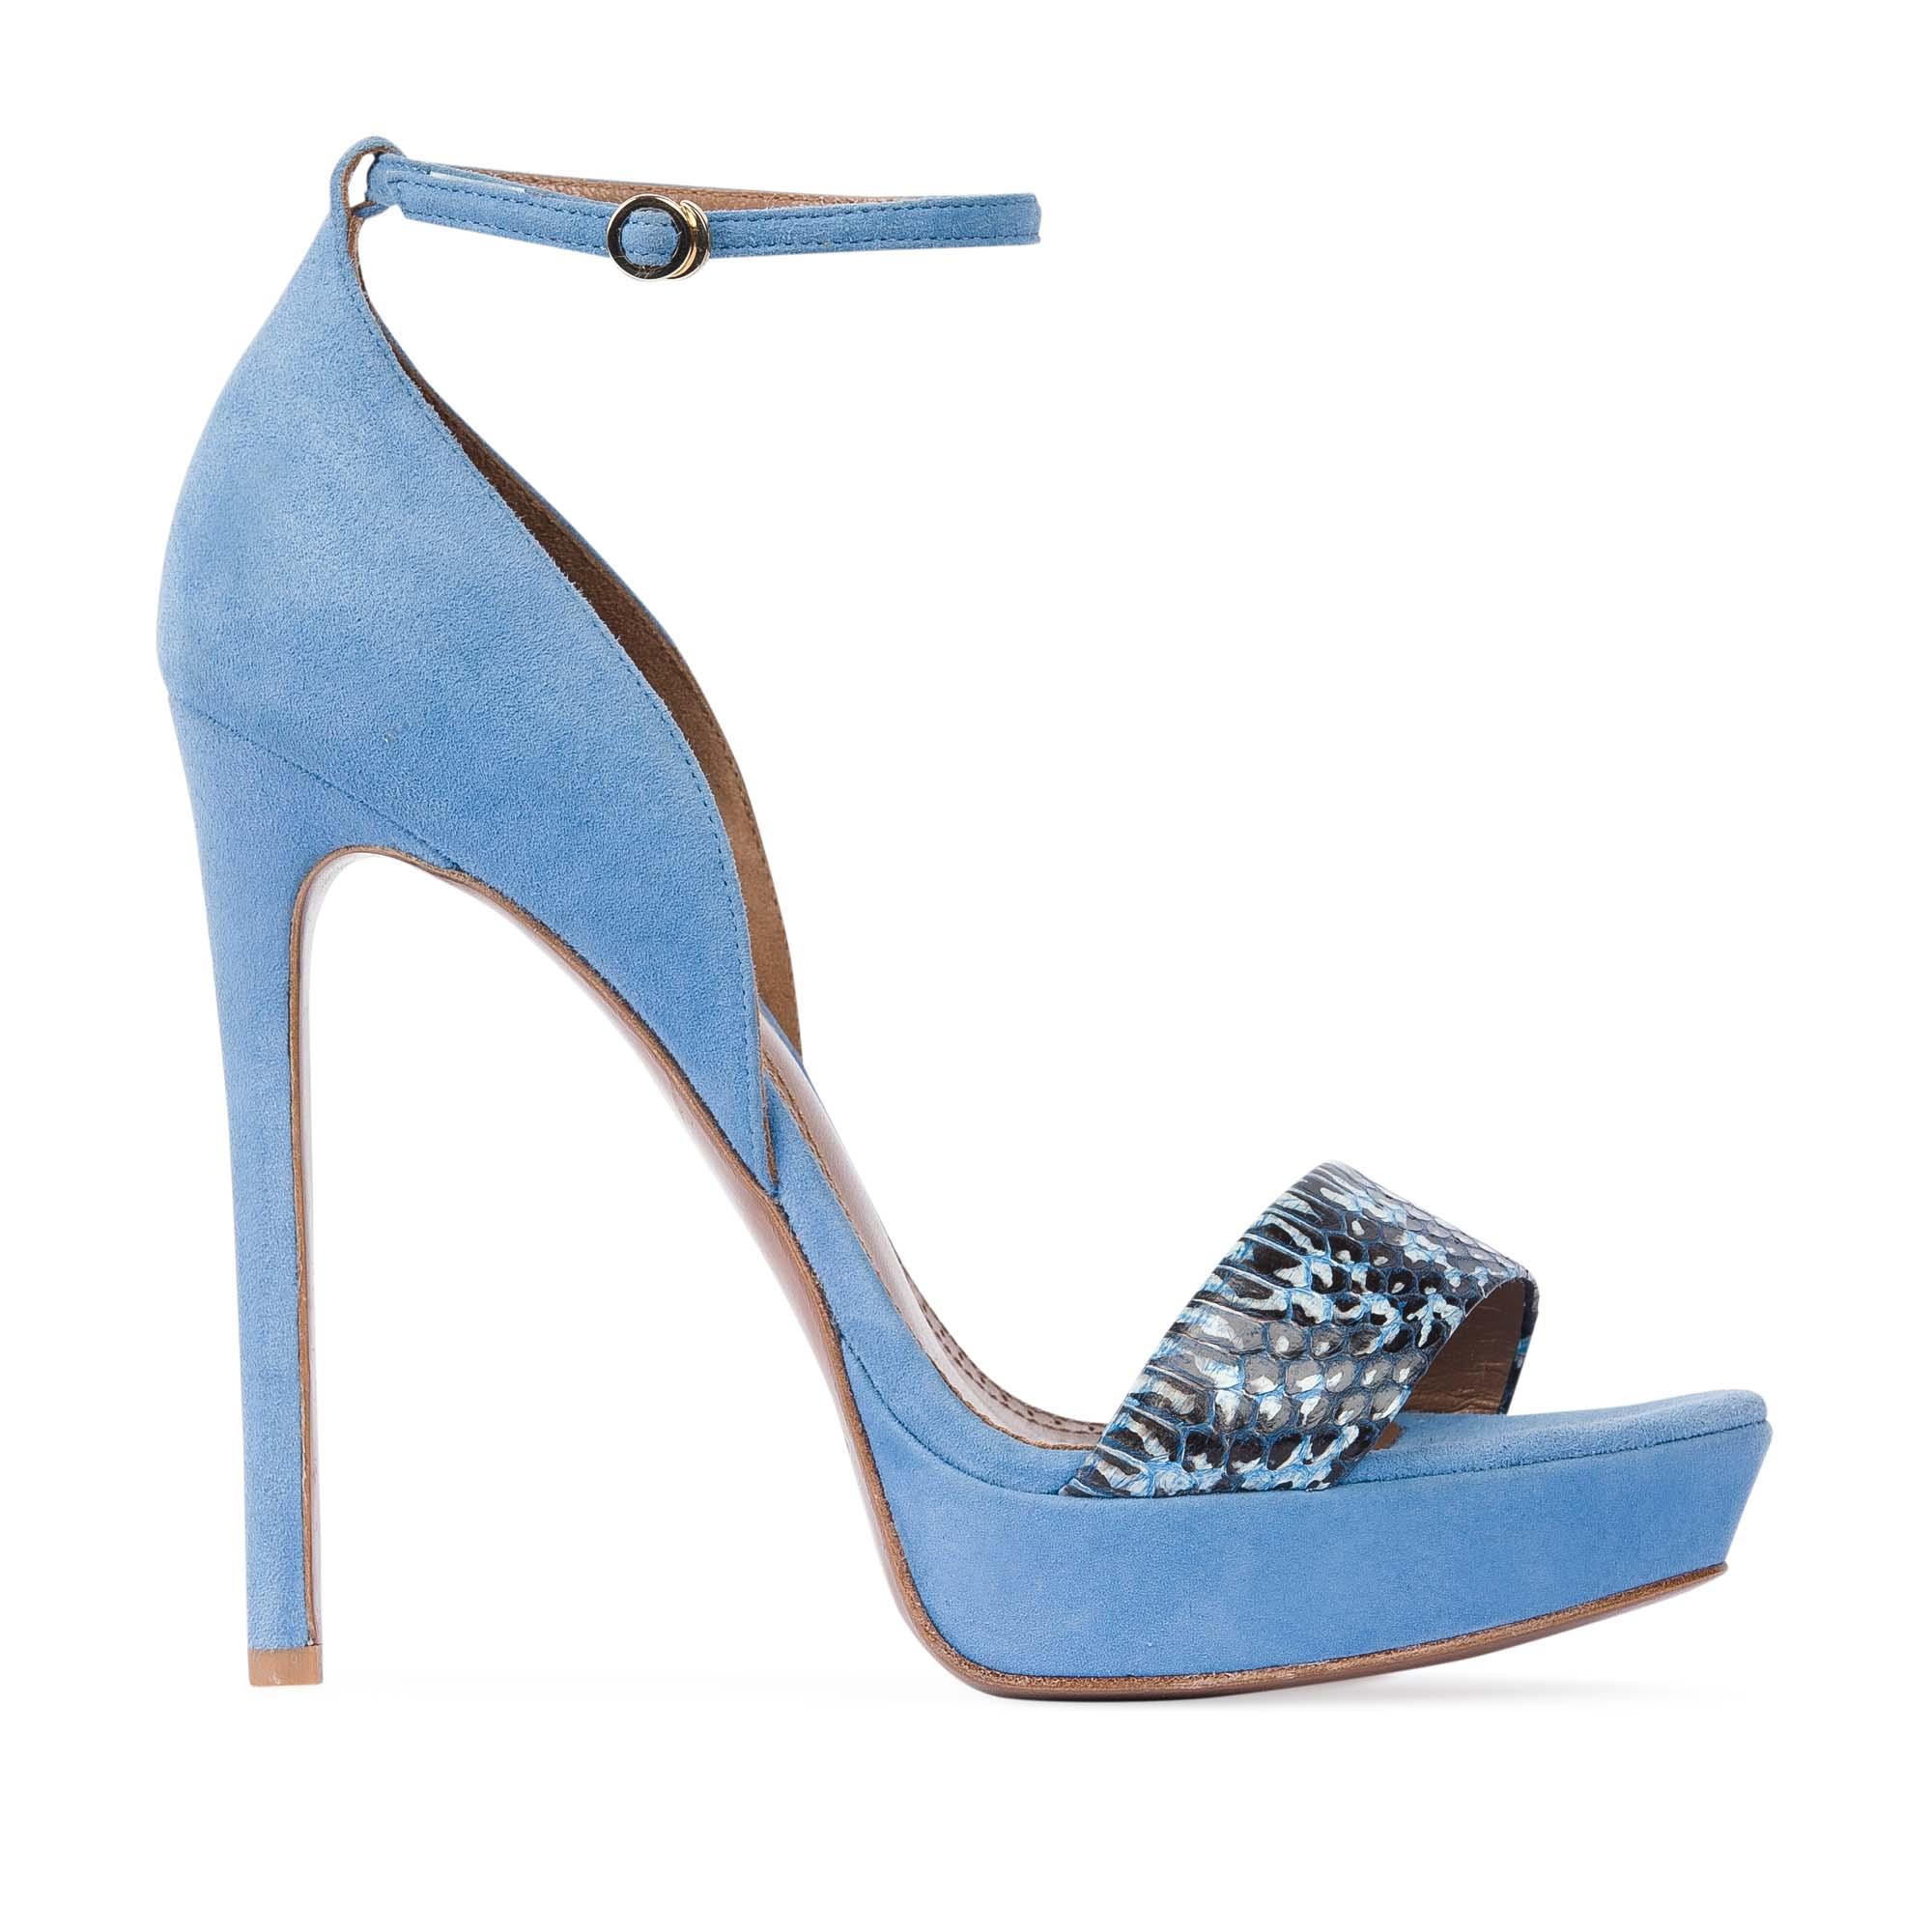 Замшевые босоножки небесно-голубого цвета с вставкой из змеиной кожи